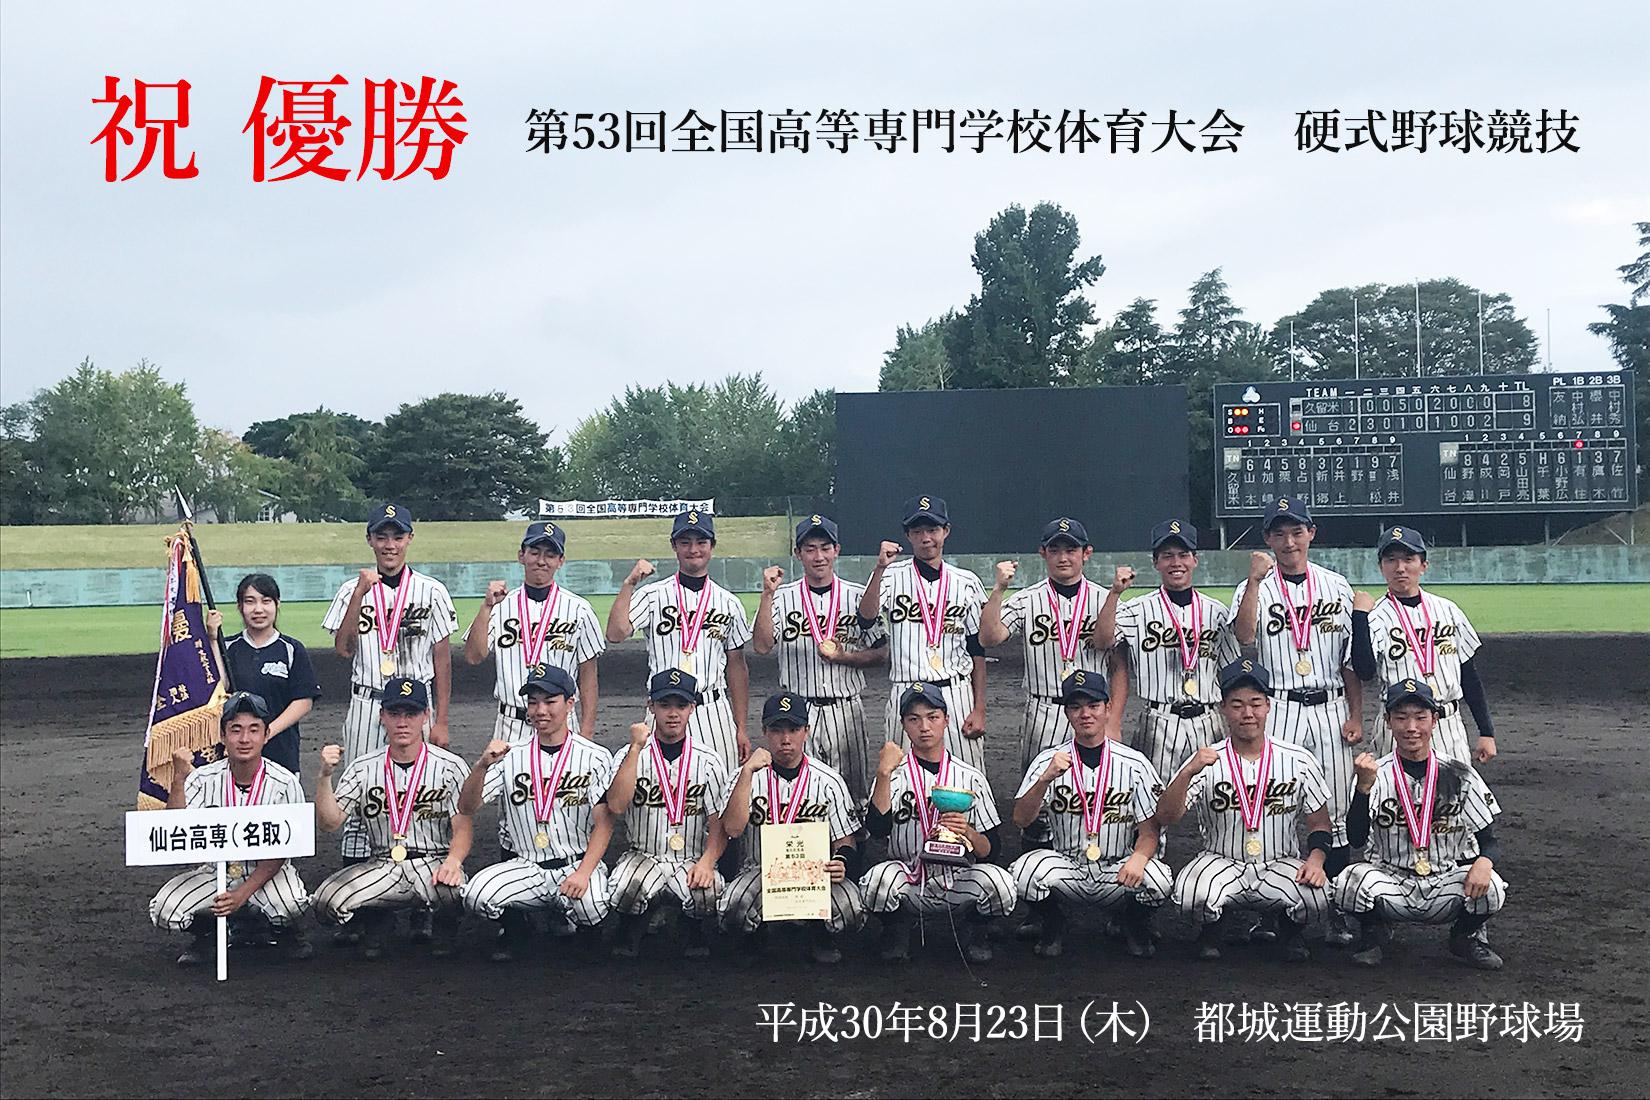 【速報】仙台高専(名取) 硬式野球部 全国制覇